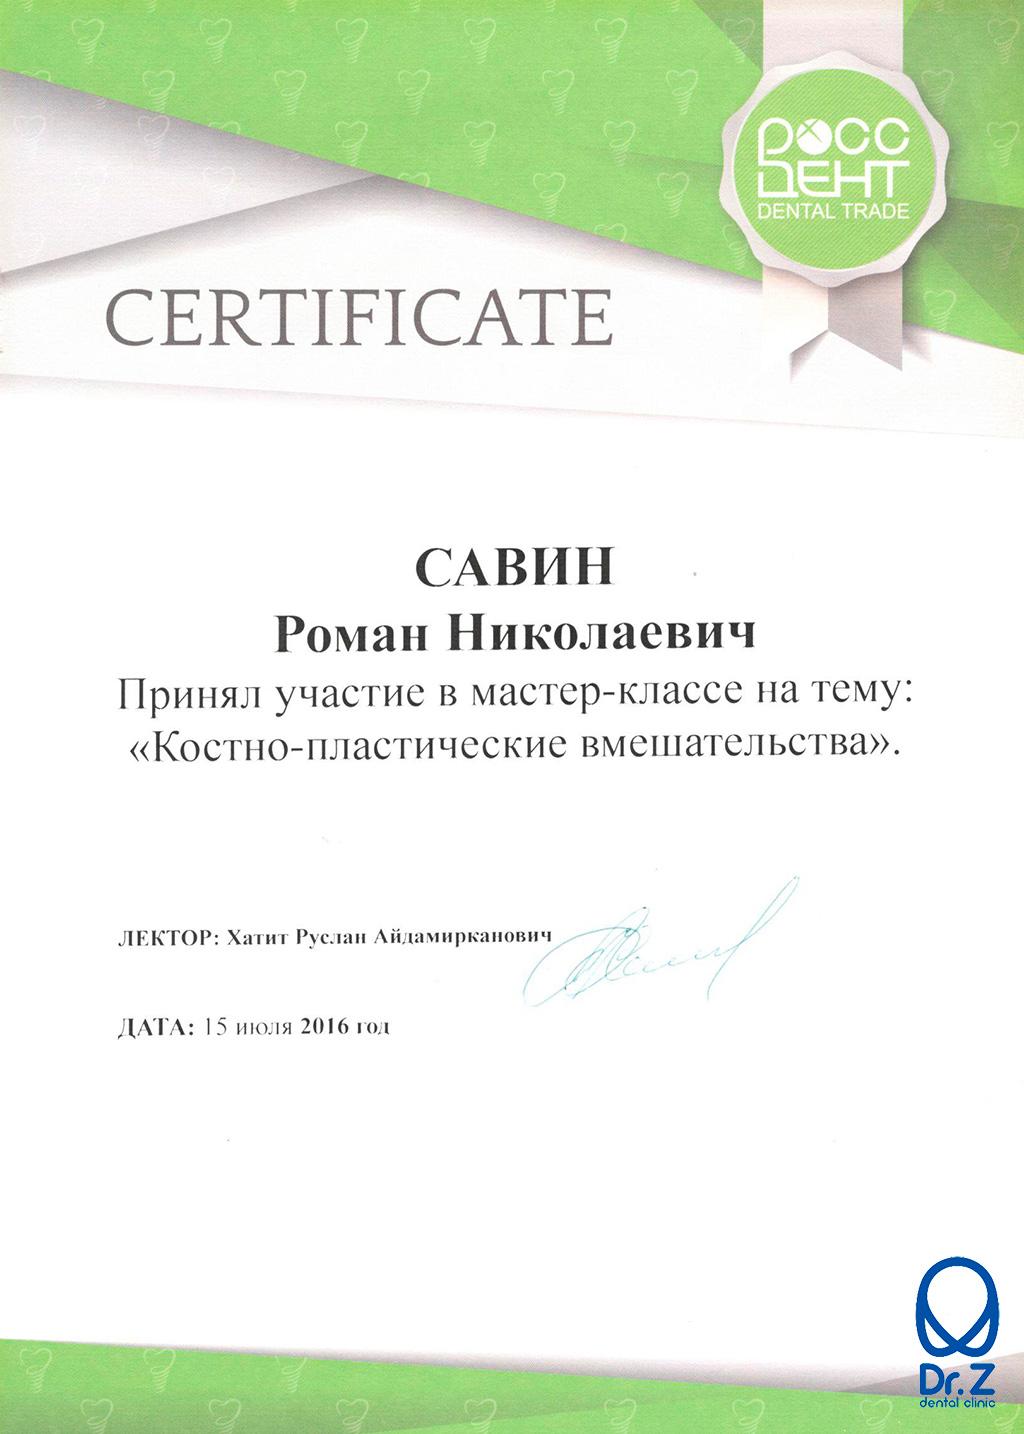 Сертификат по результатам прохождения Савиным Романом Николаевичем курса обучения по теме